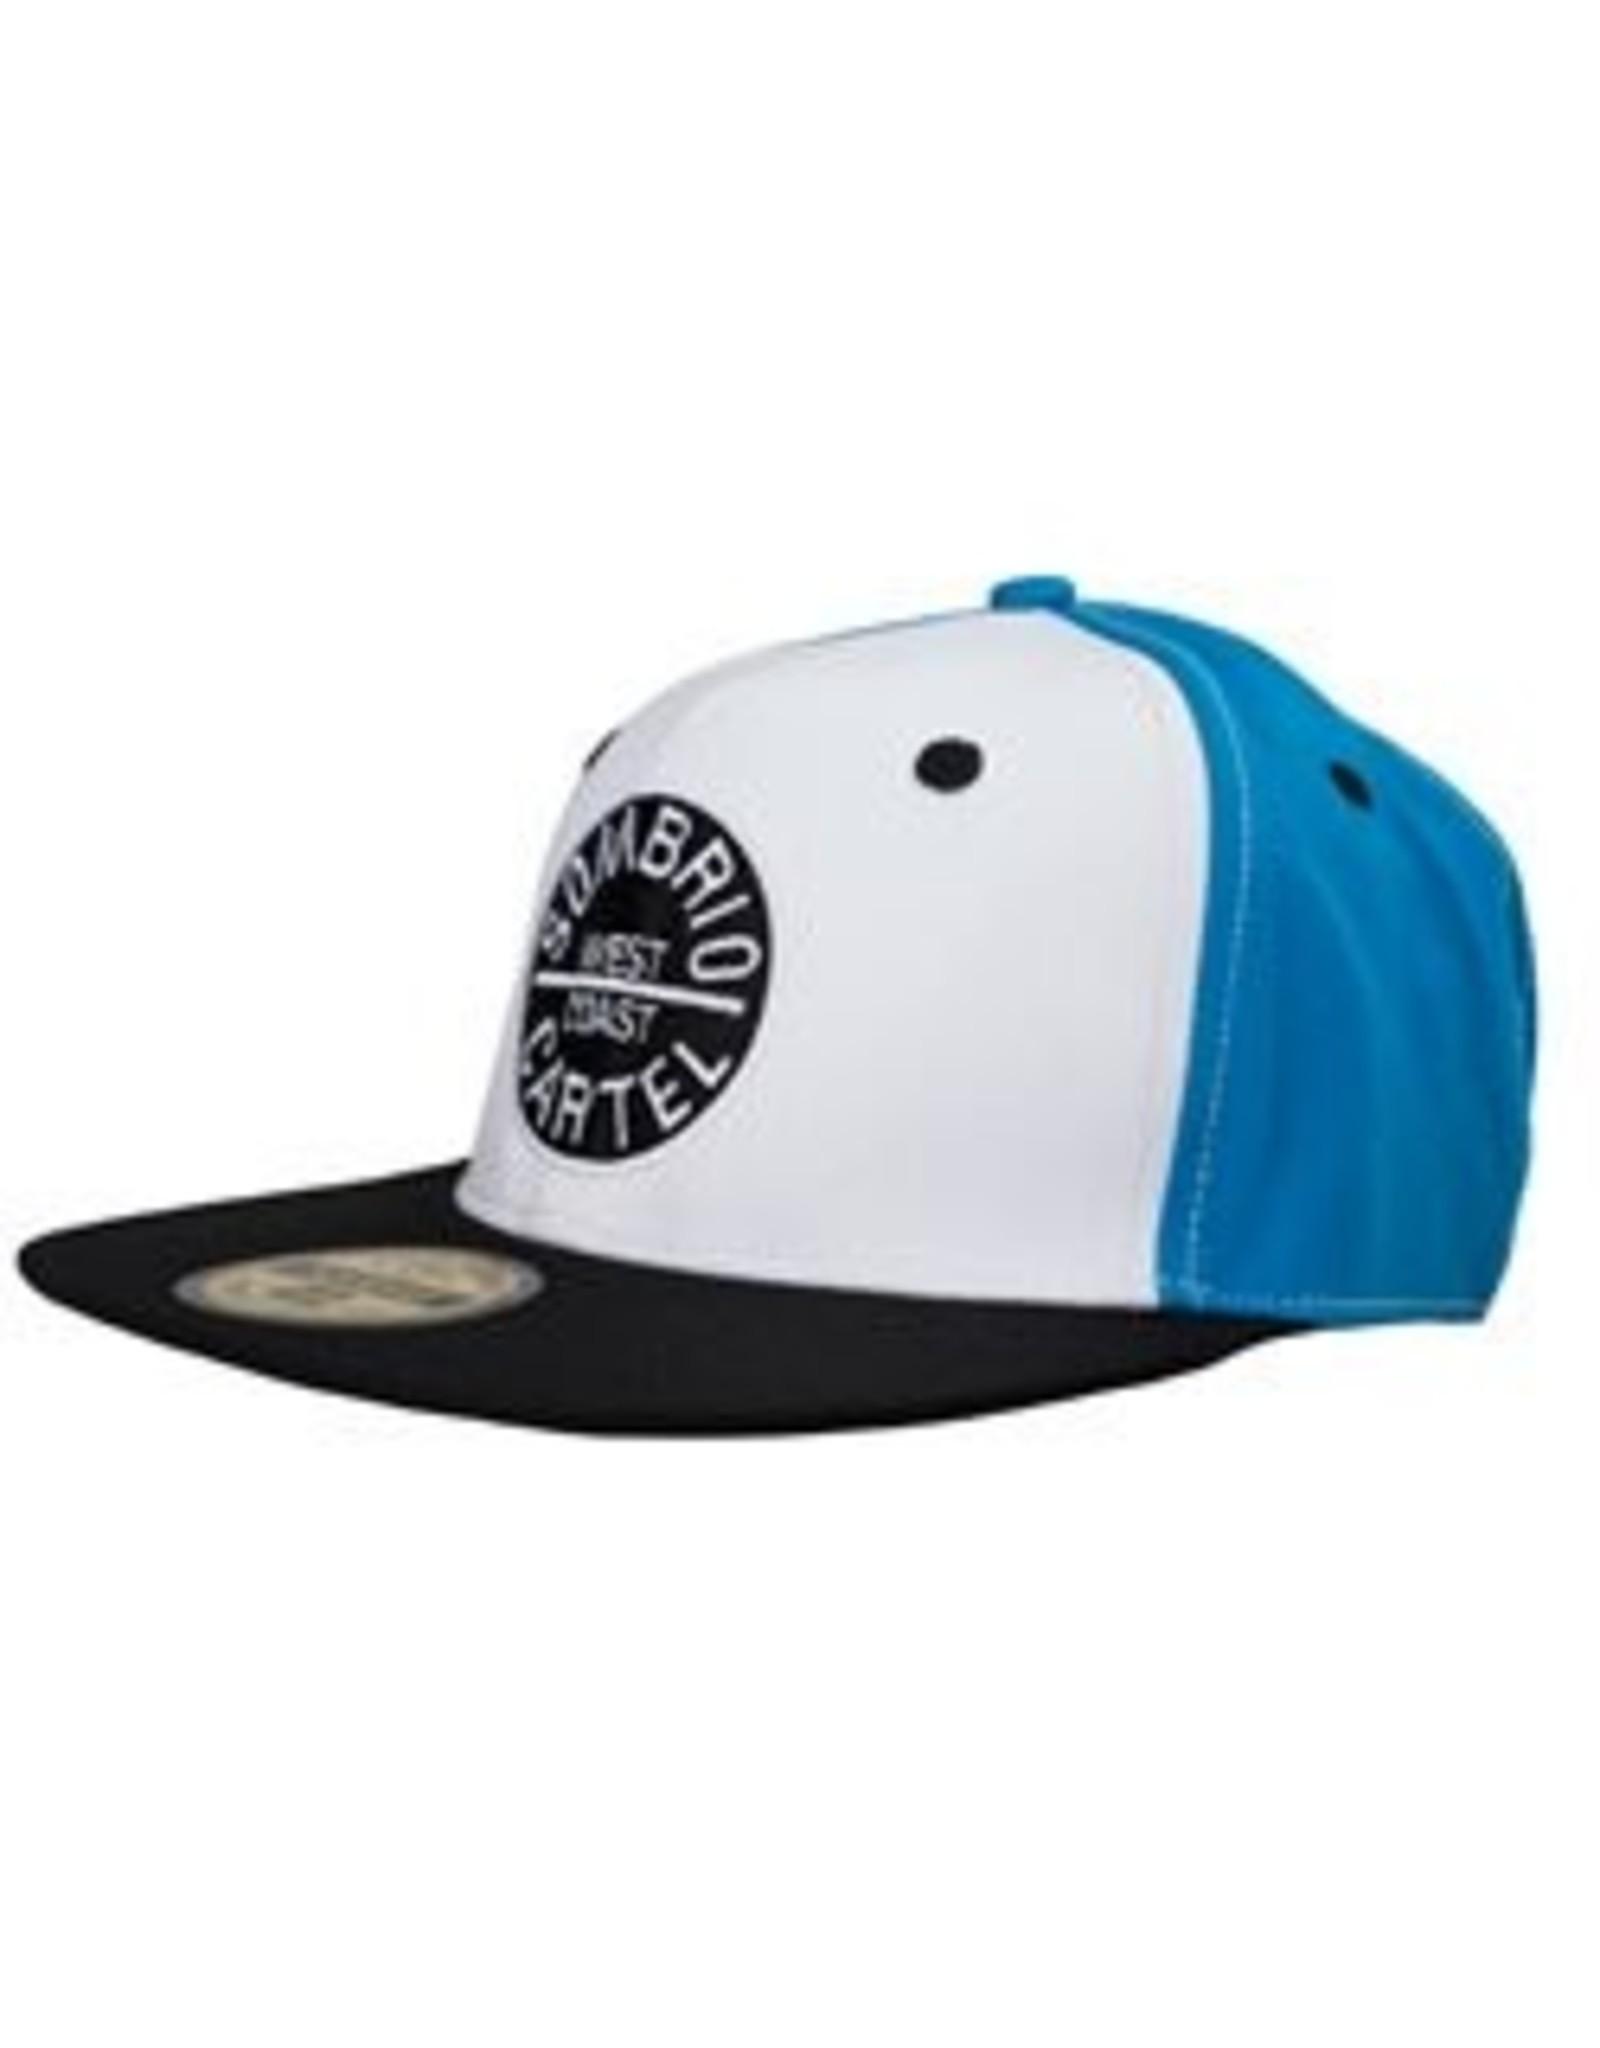 Sombrio Flatbrim Badge Hat Sombrio